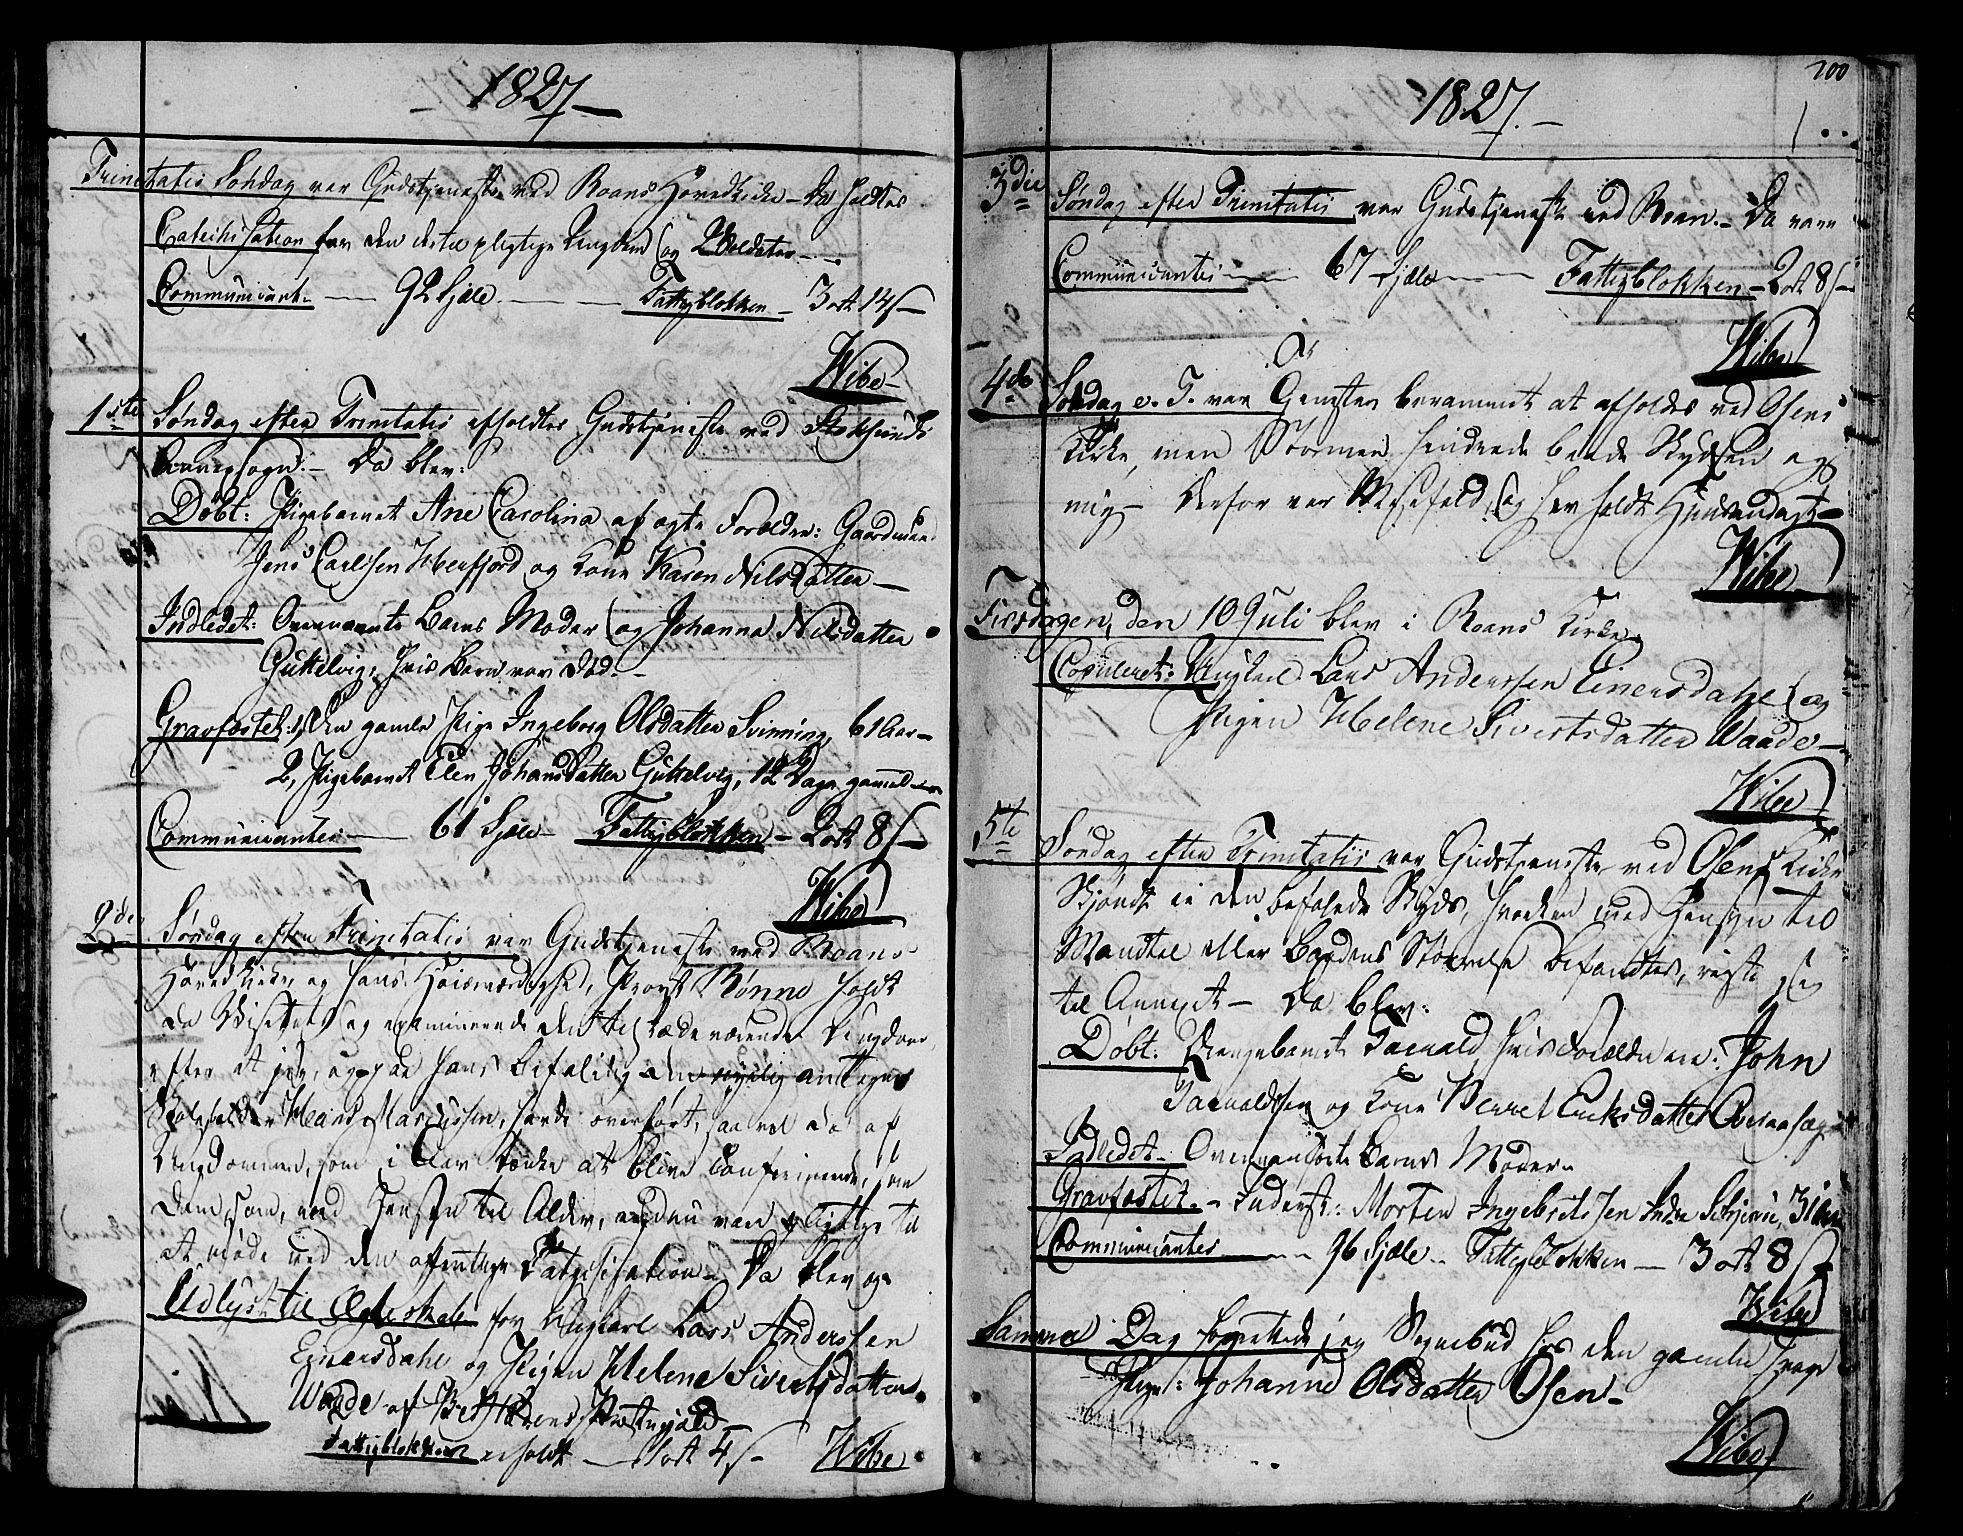 SAT, Ministerialprotokoller, klokkerbøker og fødselsregistre - Sør-Trøndelag, 657/L0701: Ministerialbok nr. 657A02, 1802-1831, s. 200